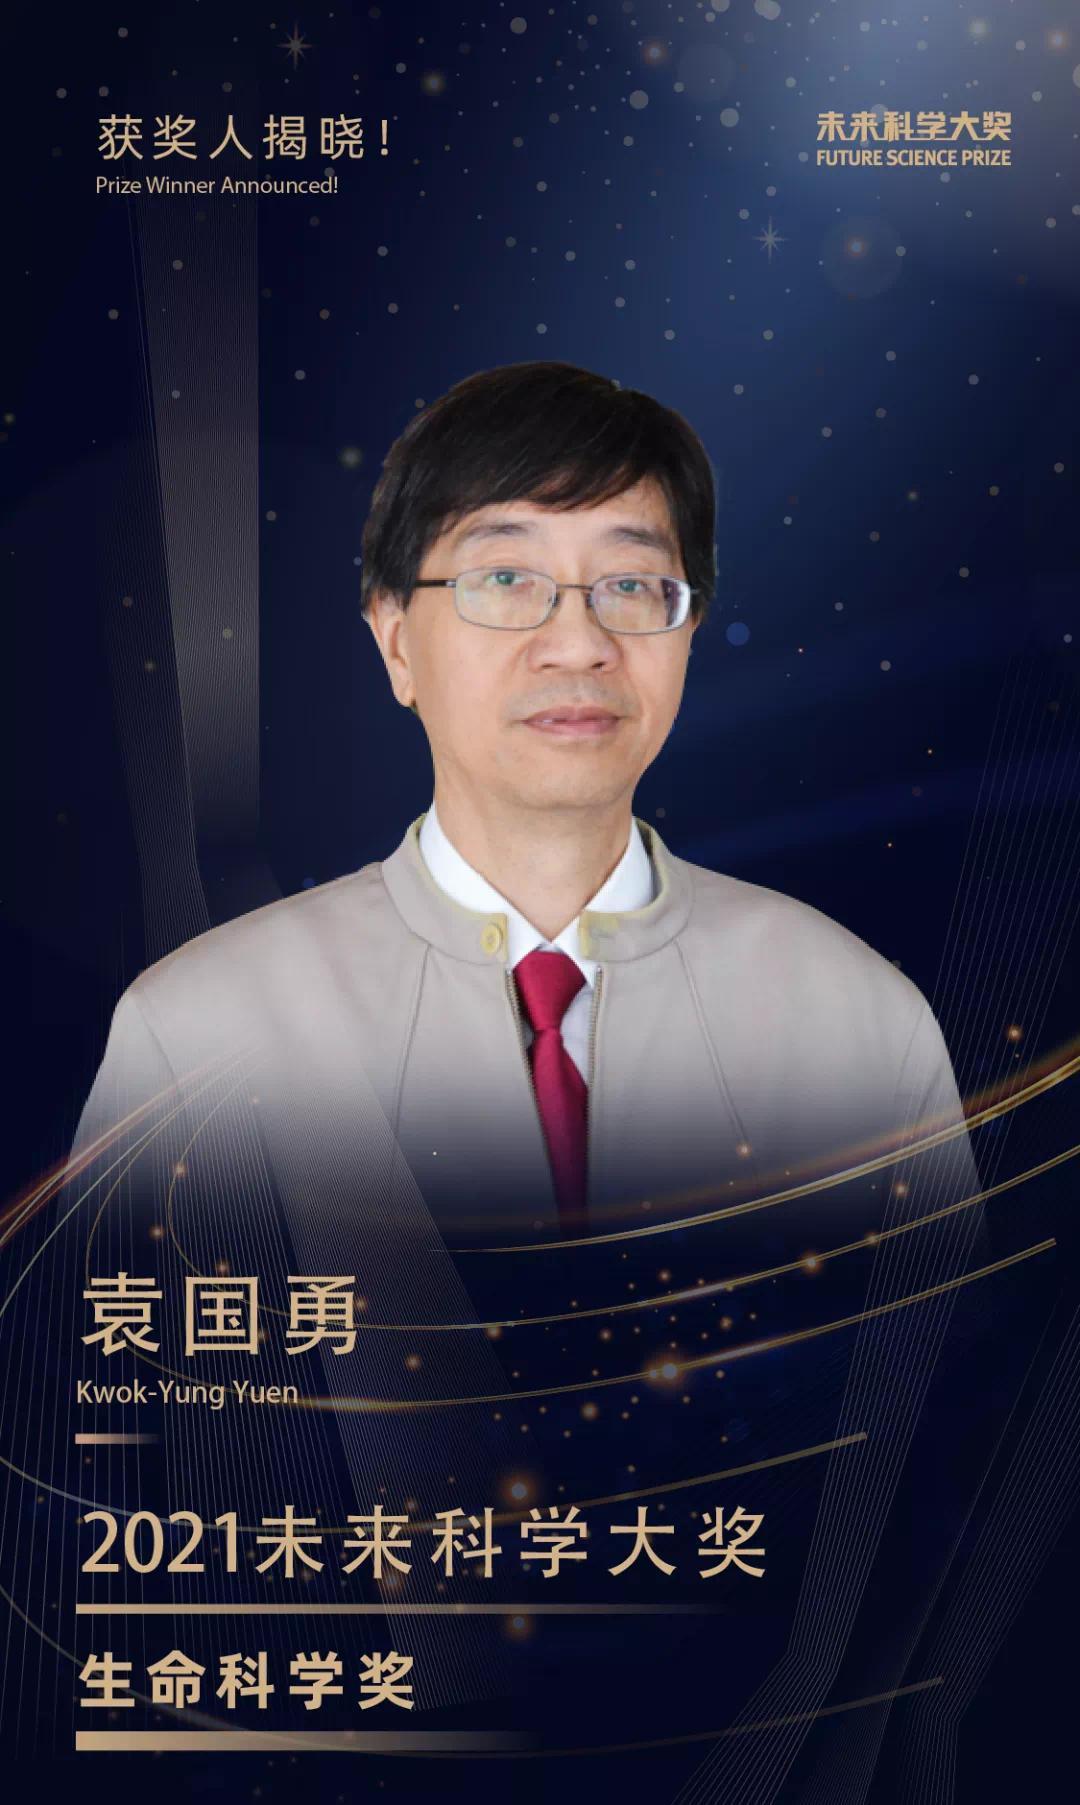 """""""中国诺奖""""2021未来科学大奖公布:袁国勇、裴伟士、张杰、施敏获奖 总奖金300万美元"""